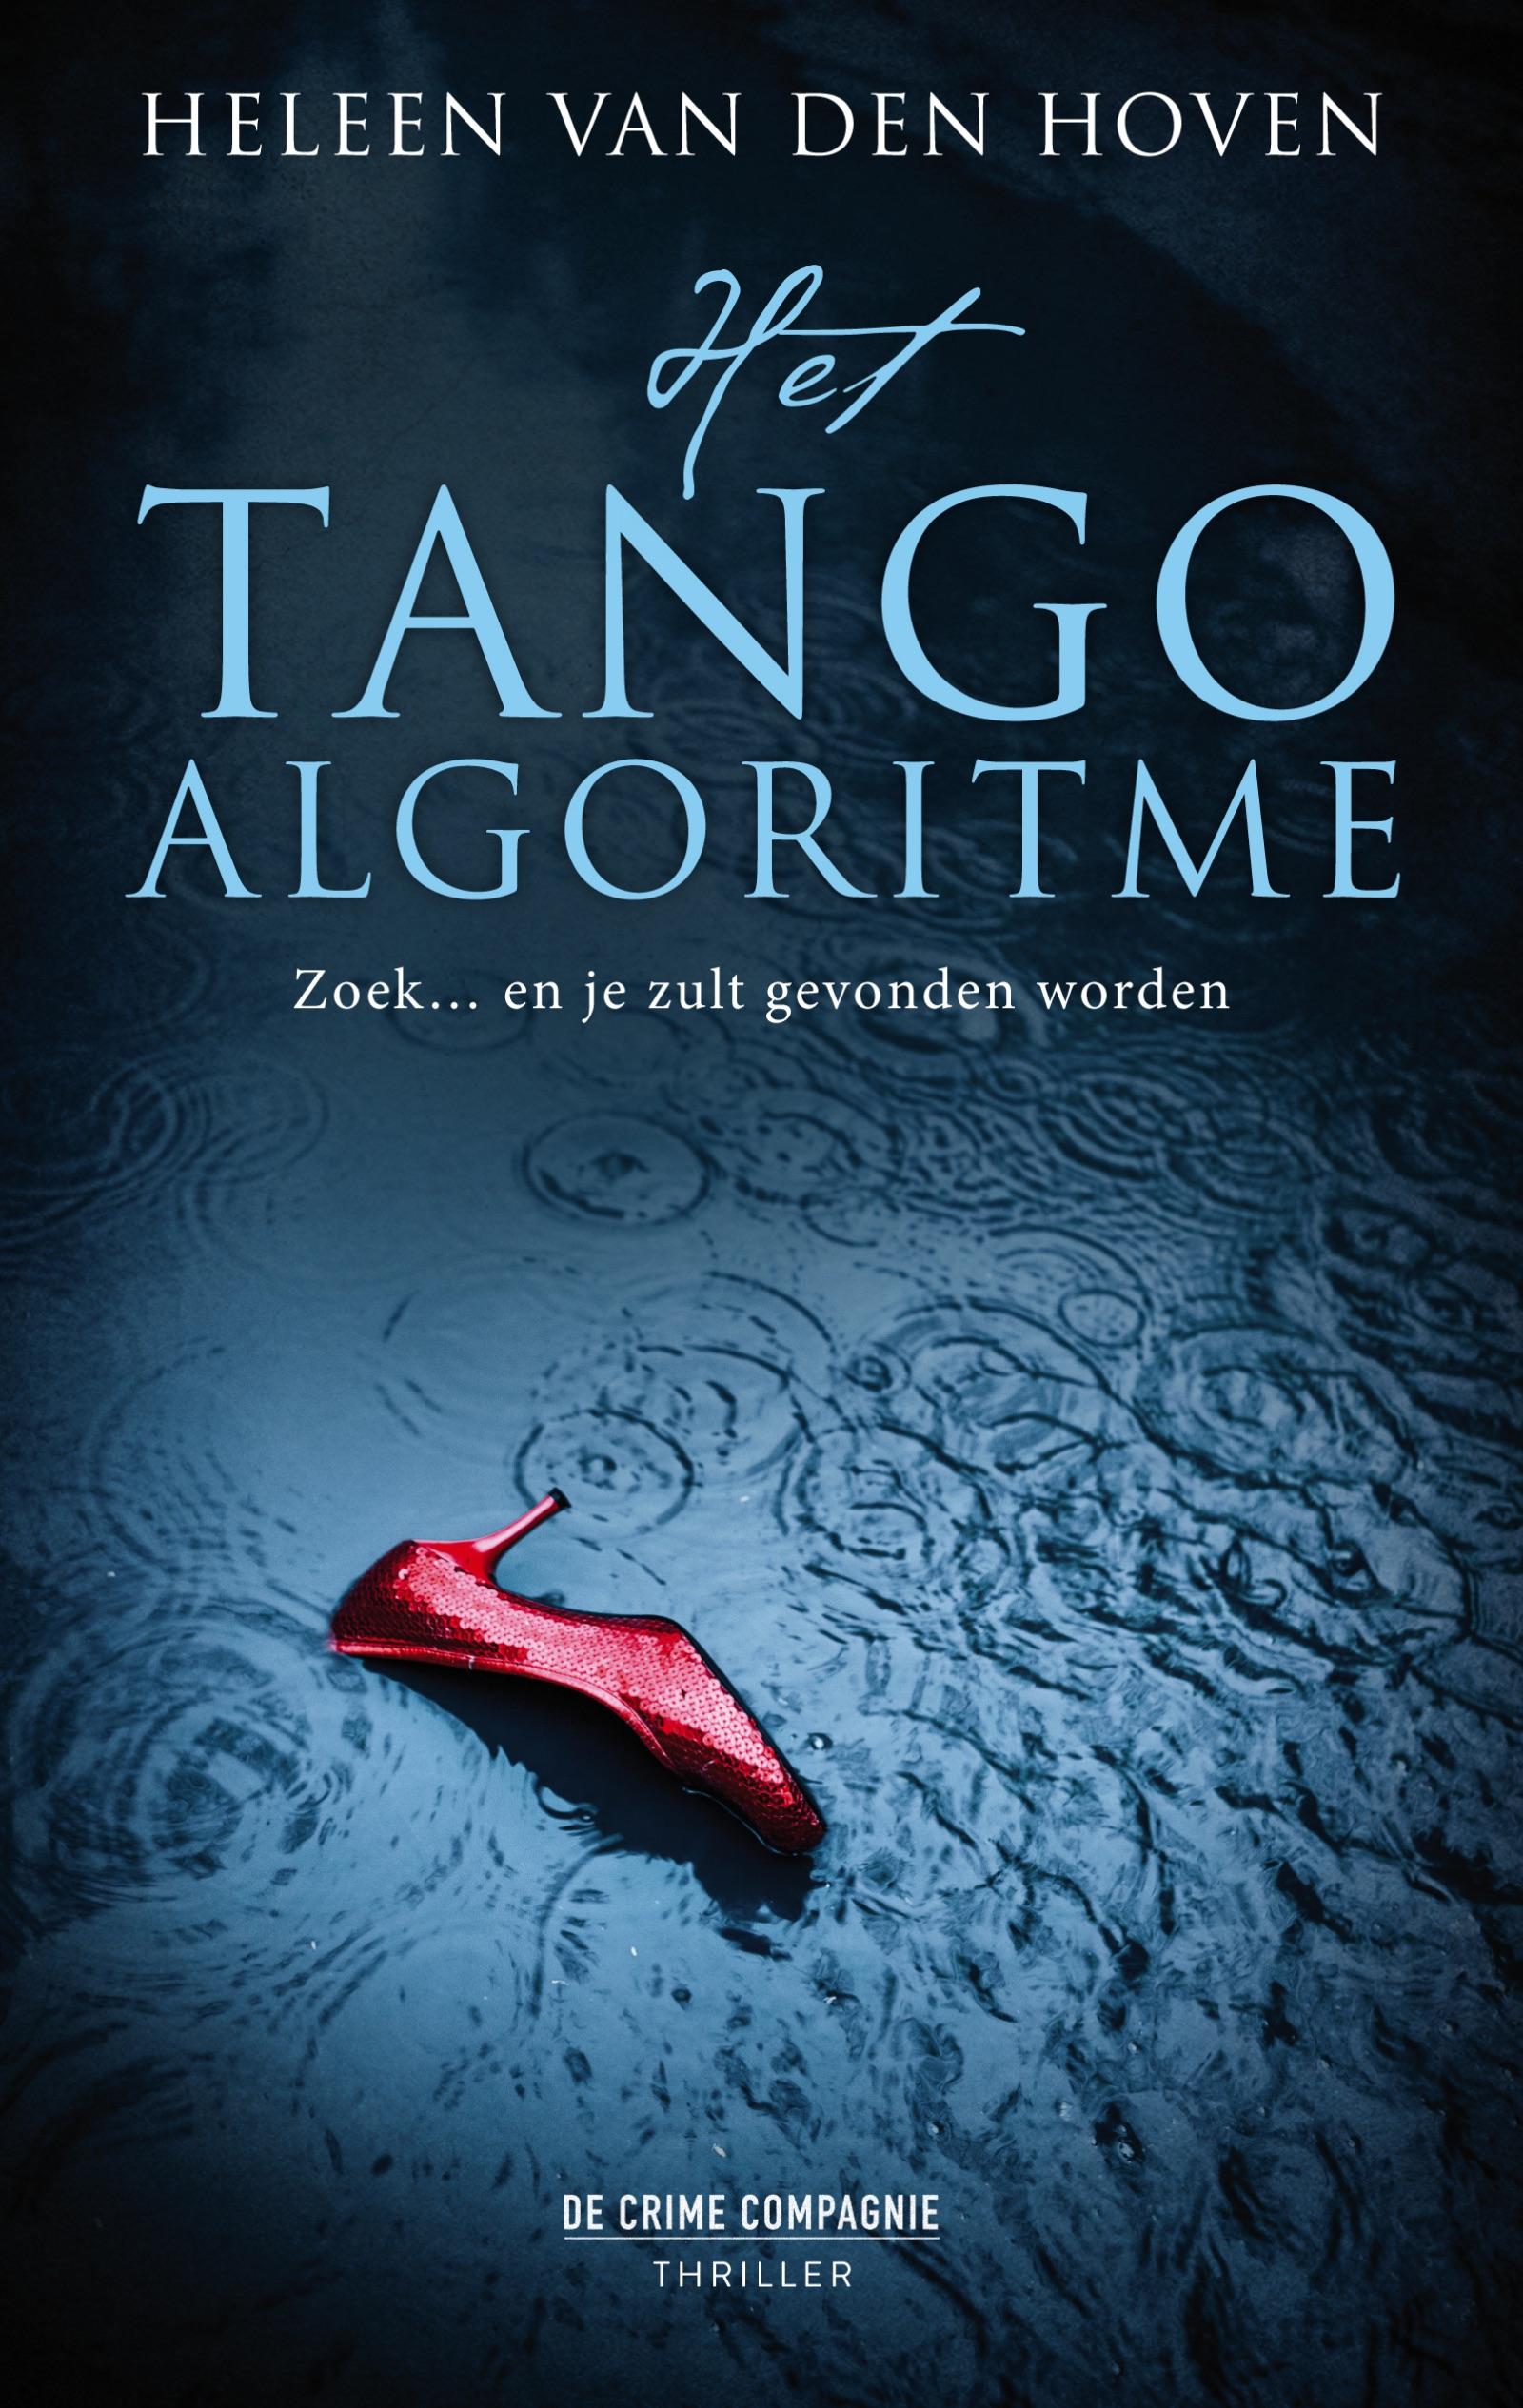 Het Tango algoritme - boekenflits